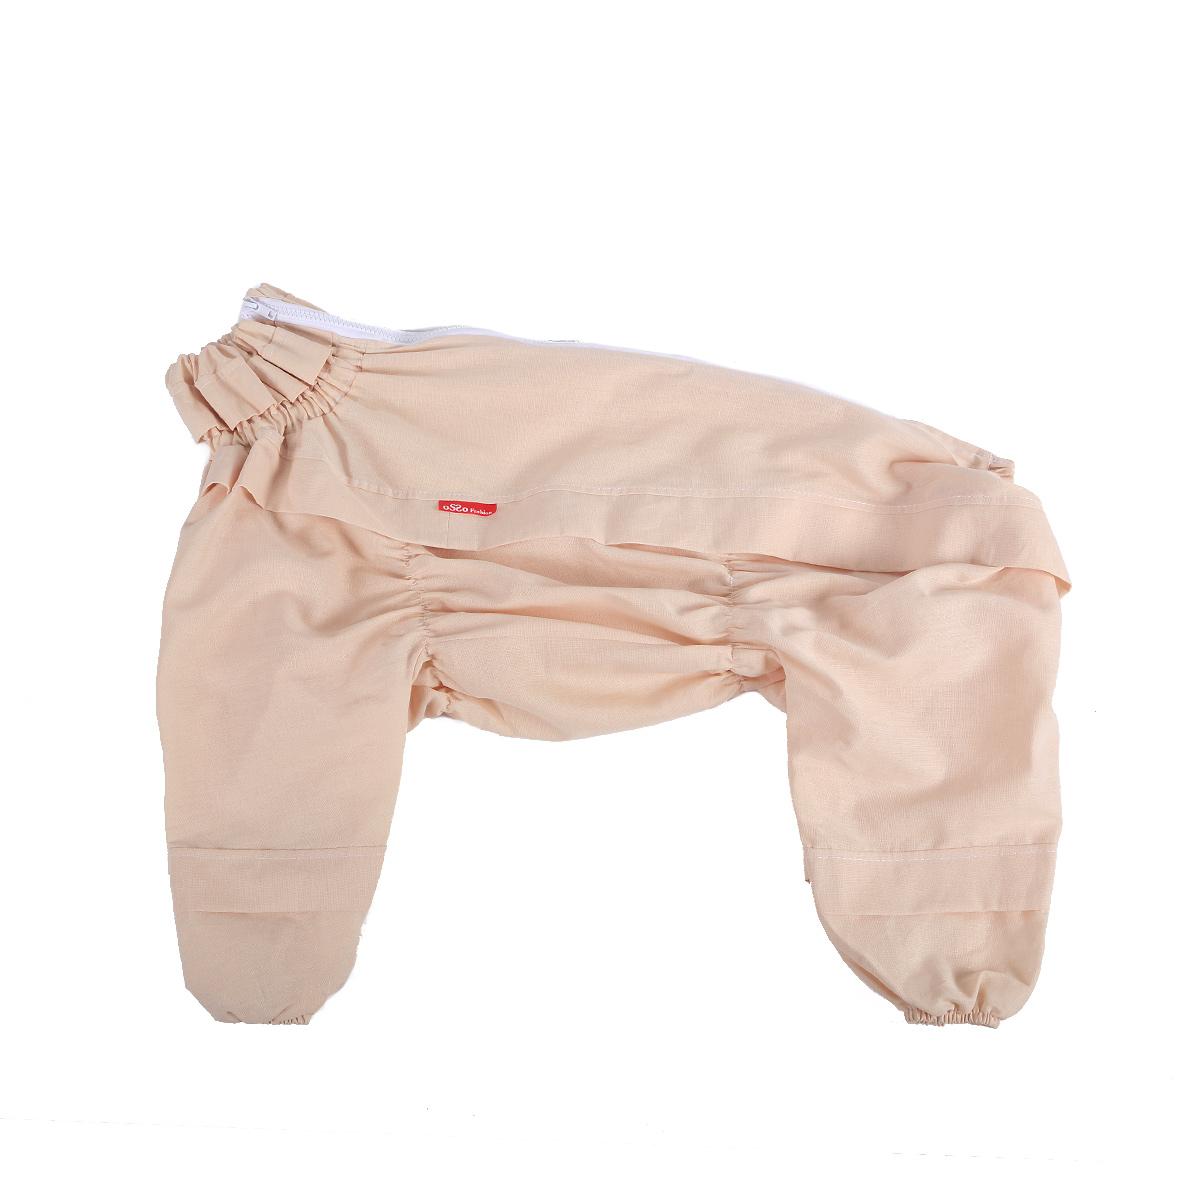 Комбинезон для собак  OSSO Fashion , от клещей, для девочки, цвет: бежевый. Размер 25 - Одежда, обувь, украшения